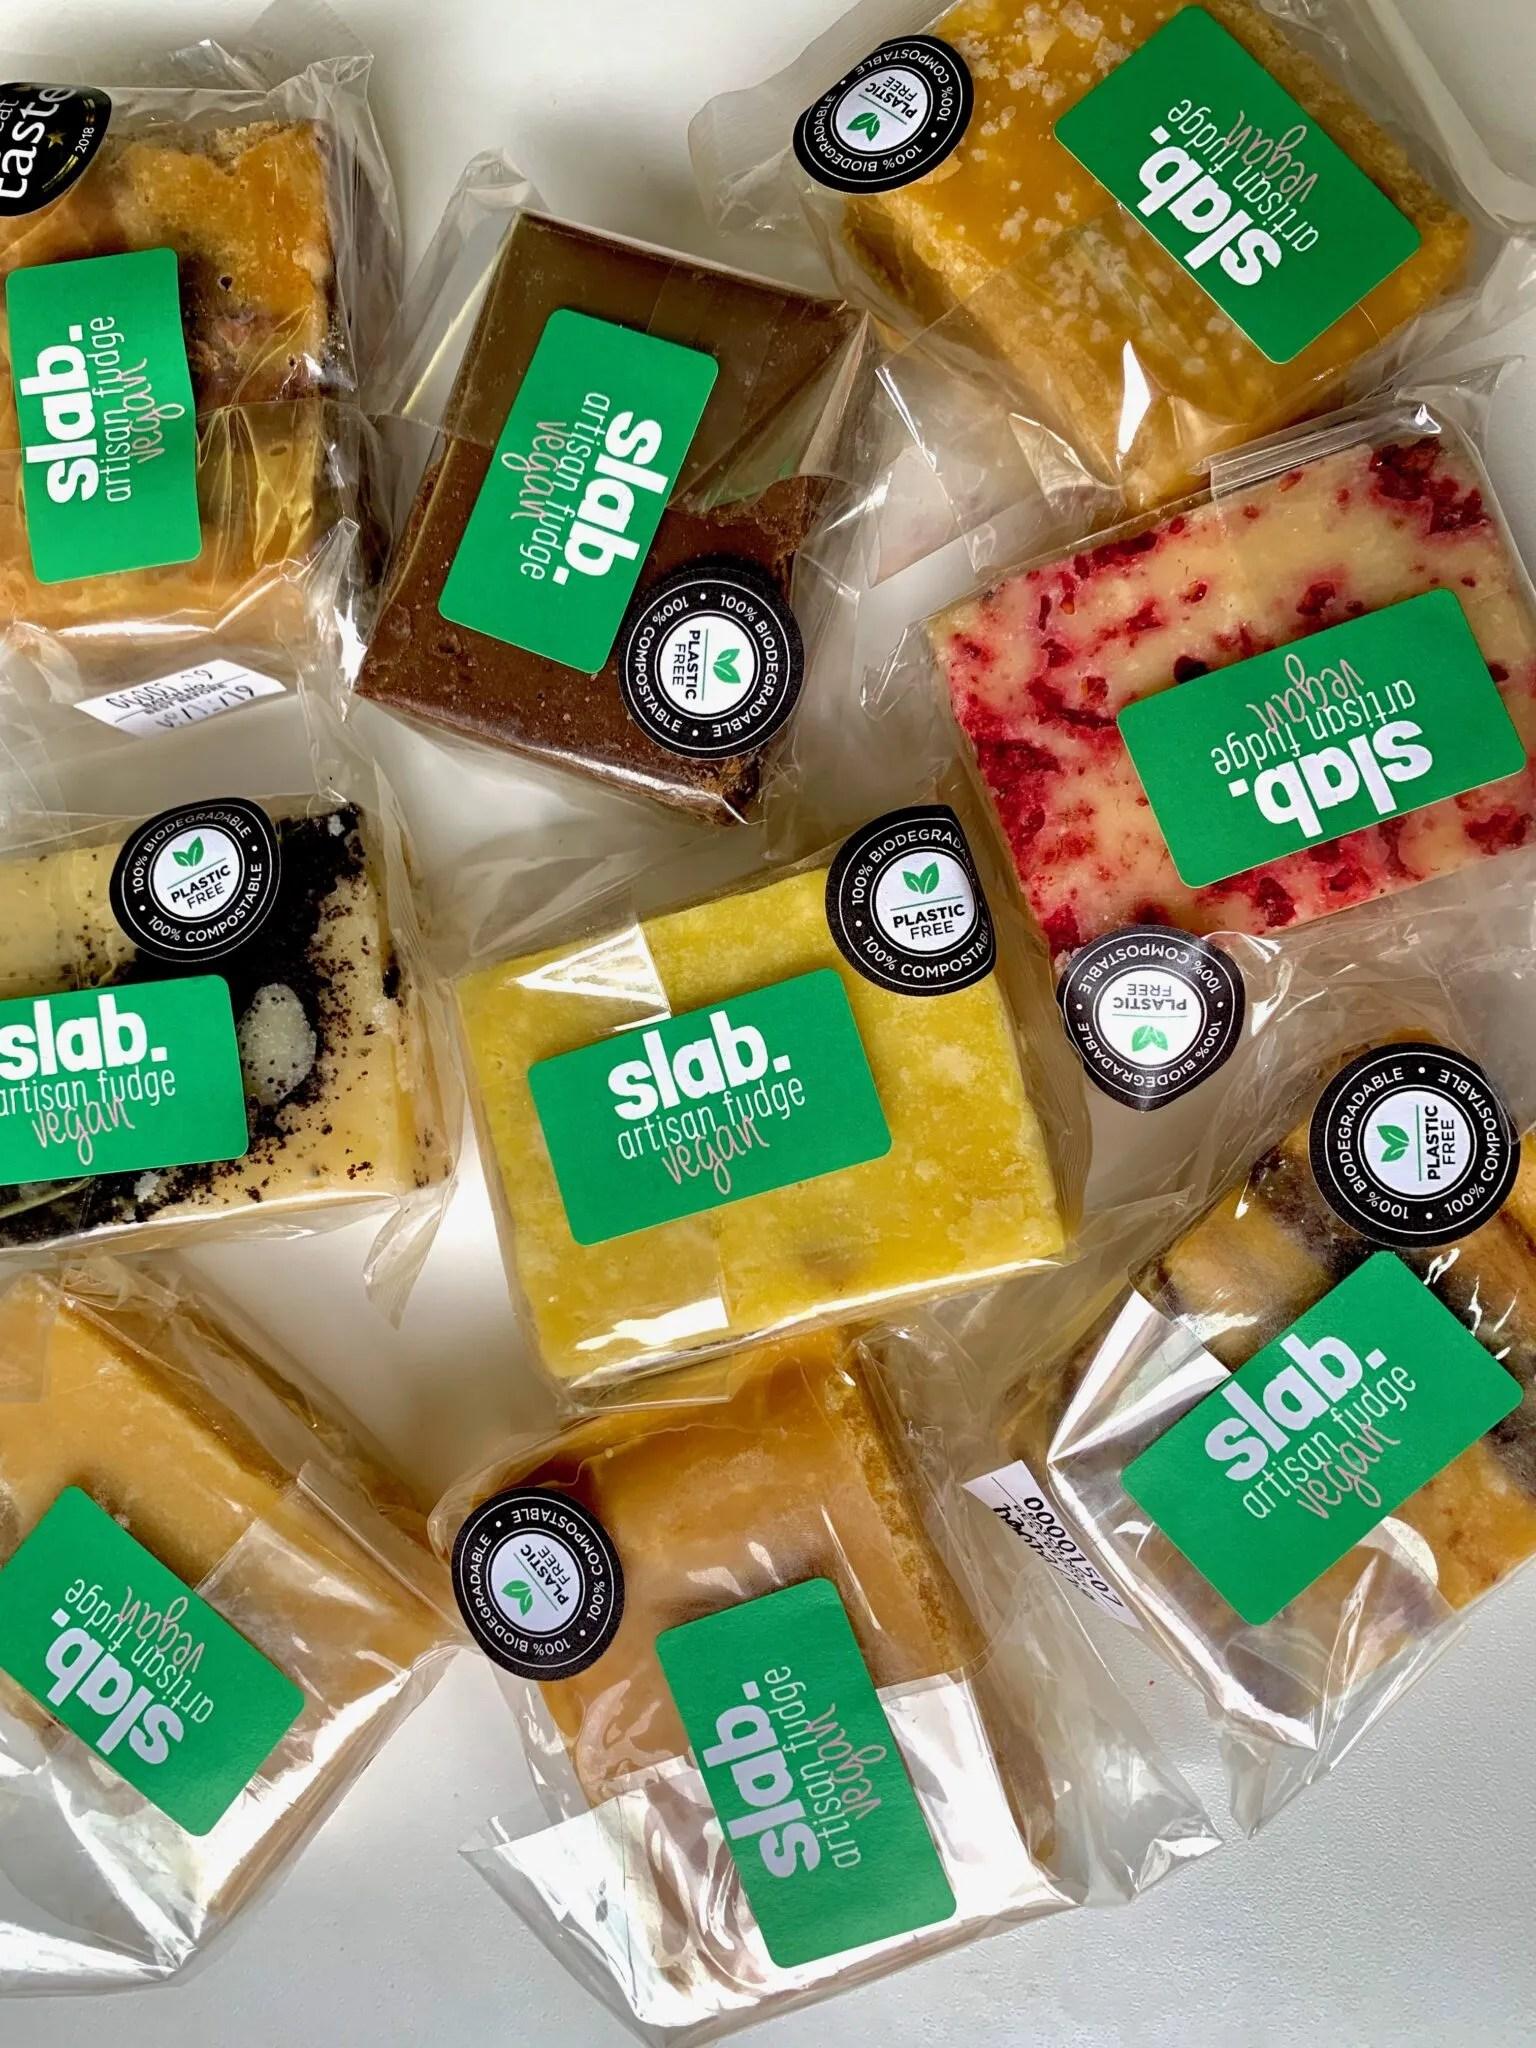 Slab Artisan Fudge - Vegan Slabs Long Image 1